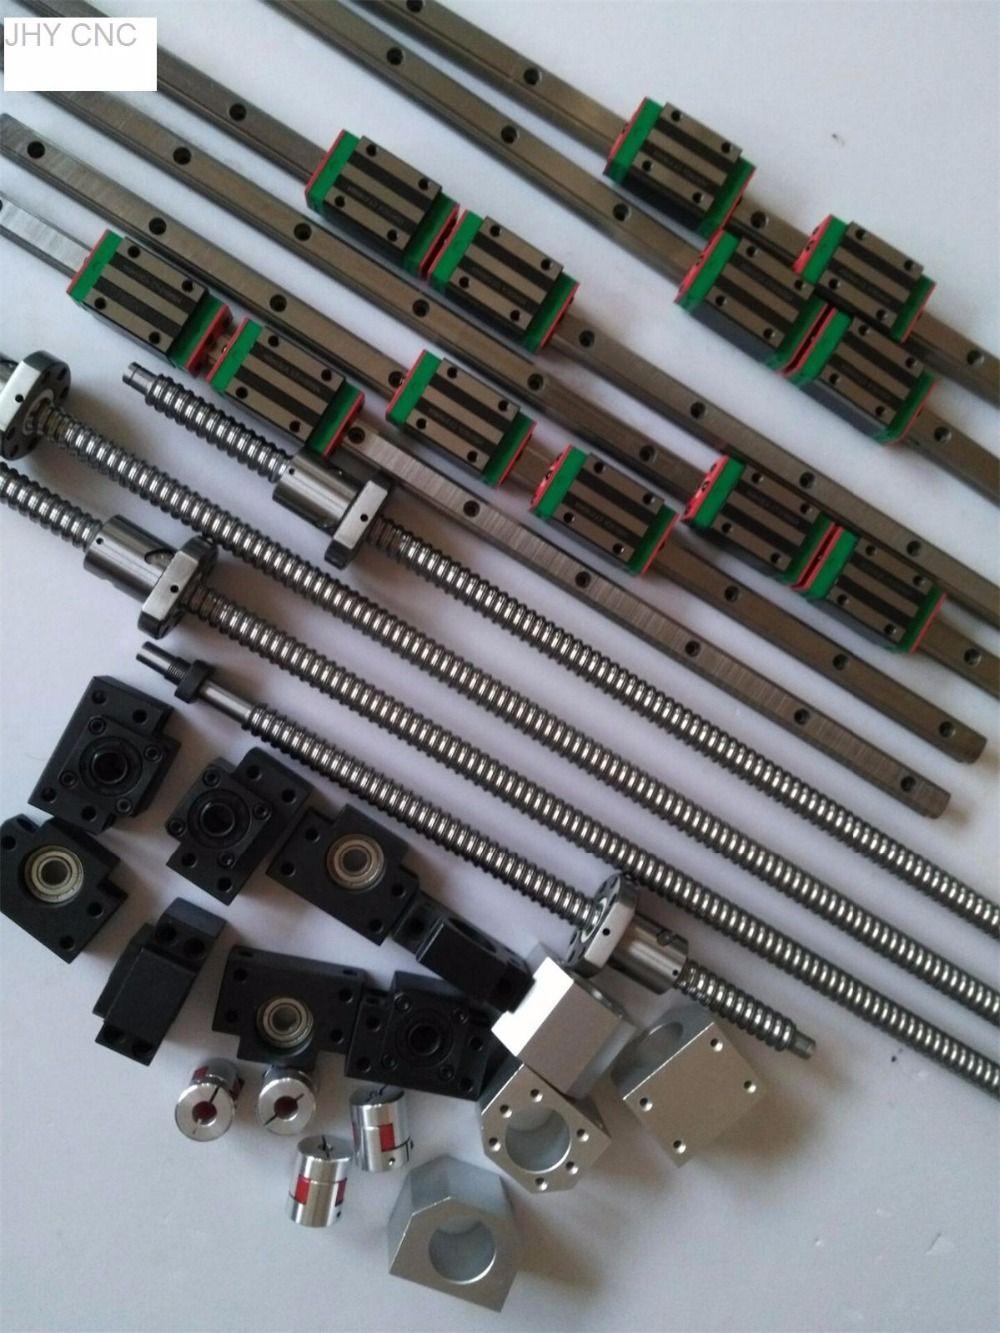 3 комплекты JHY линейный рельс профиль + 4 ШВП СФУ тип + 4 компл. BK/BF15 + 4 ballut корпус + 4 муфта